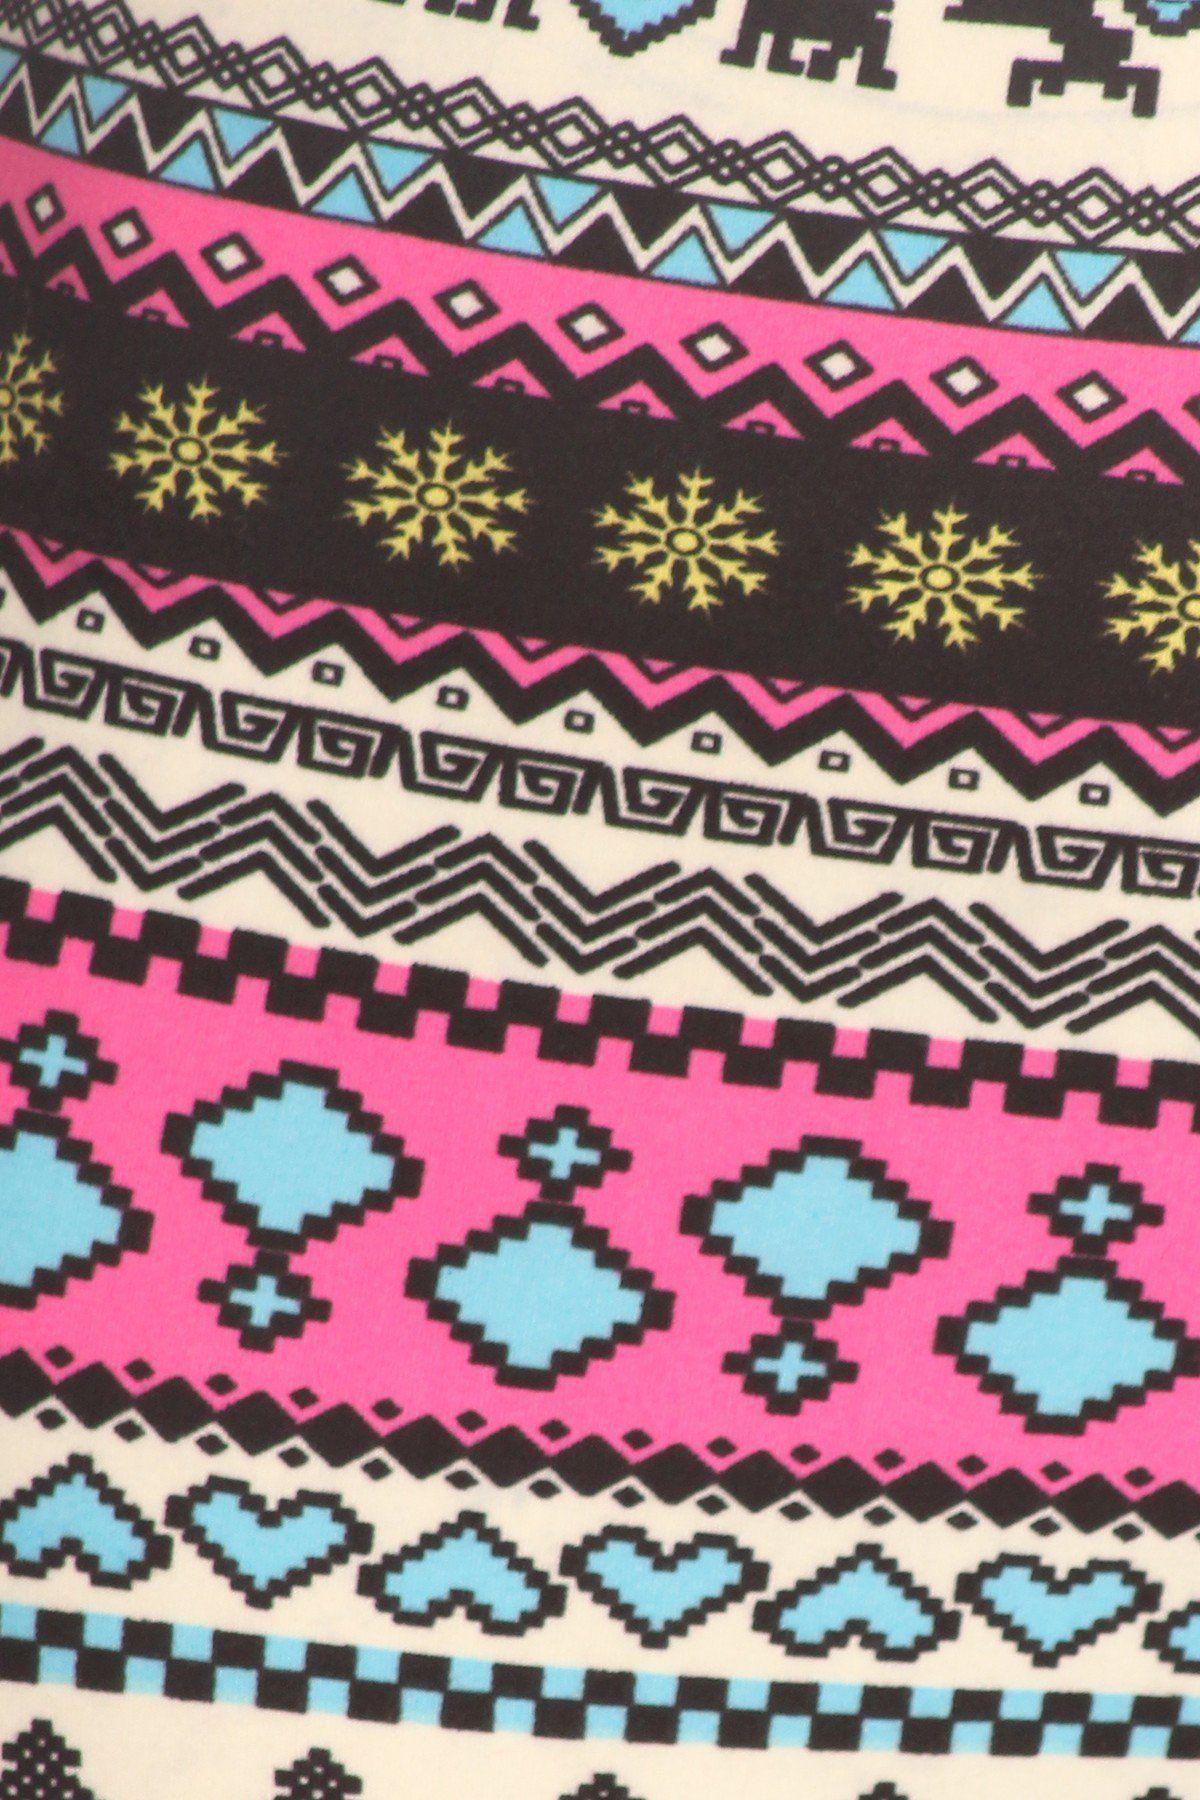 4d398a55d211ee Holiday fair isle snowflake print knit legging buttery soft peach skin  print full length leggings jpg